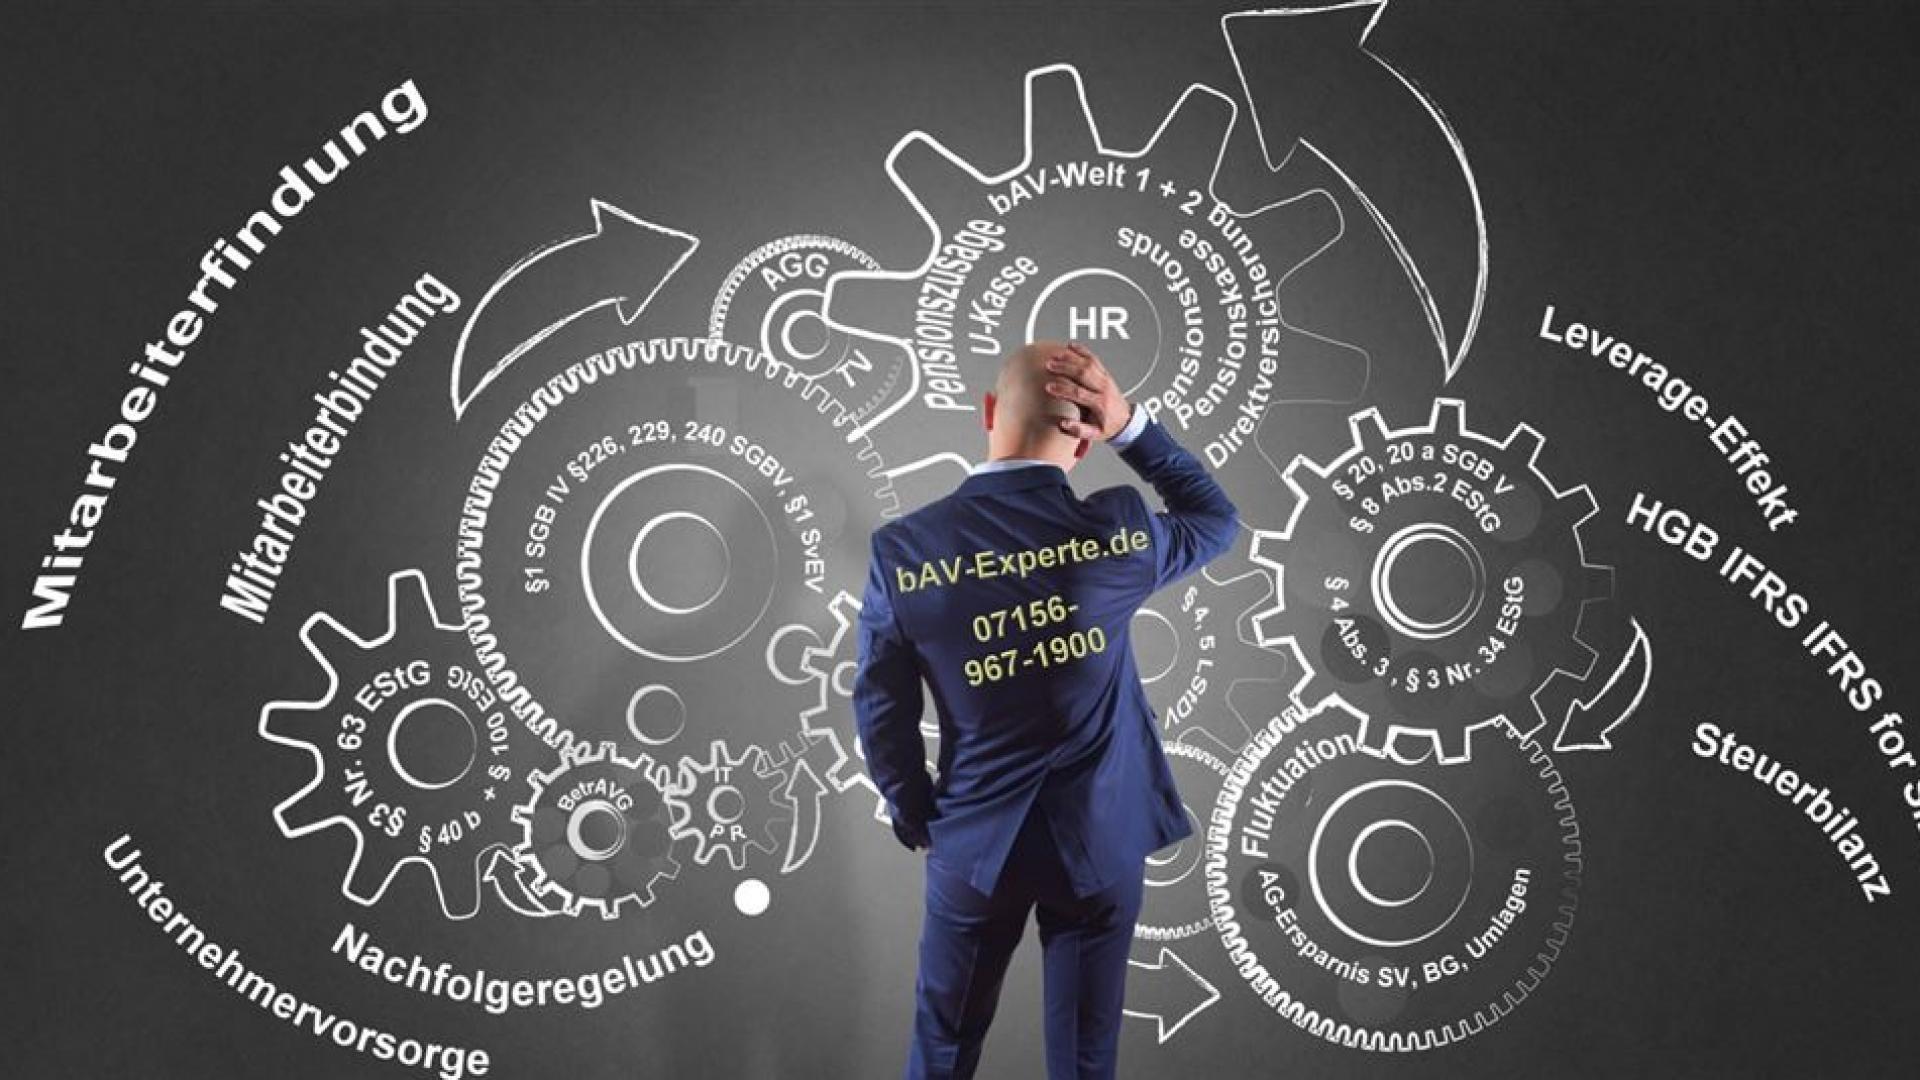 bAV-Experte sollte umfangreiches Knowhow in der betreiblichen Altersversorgung haben